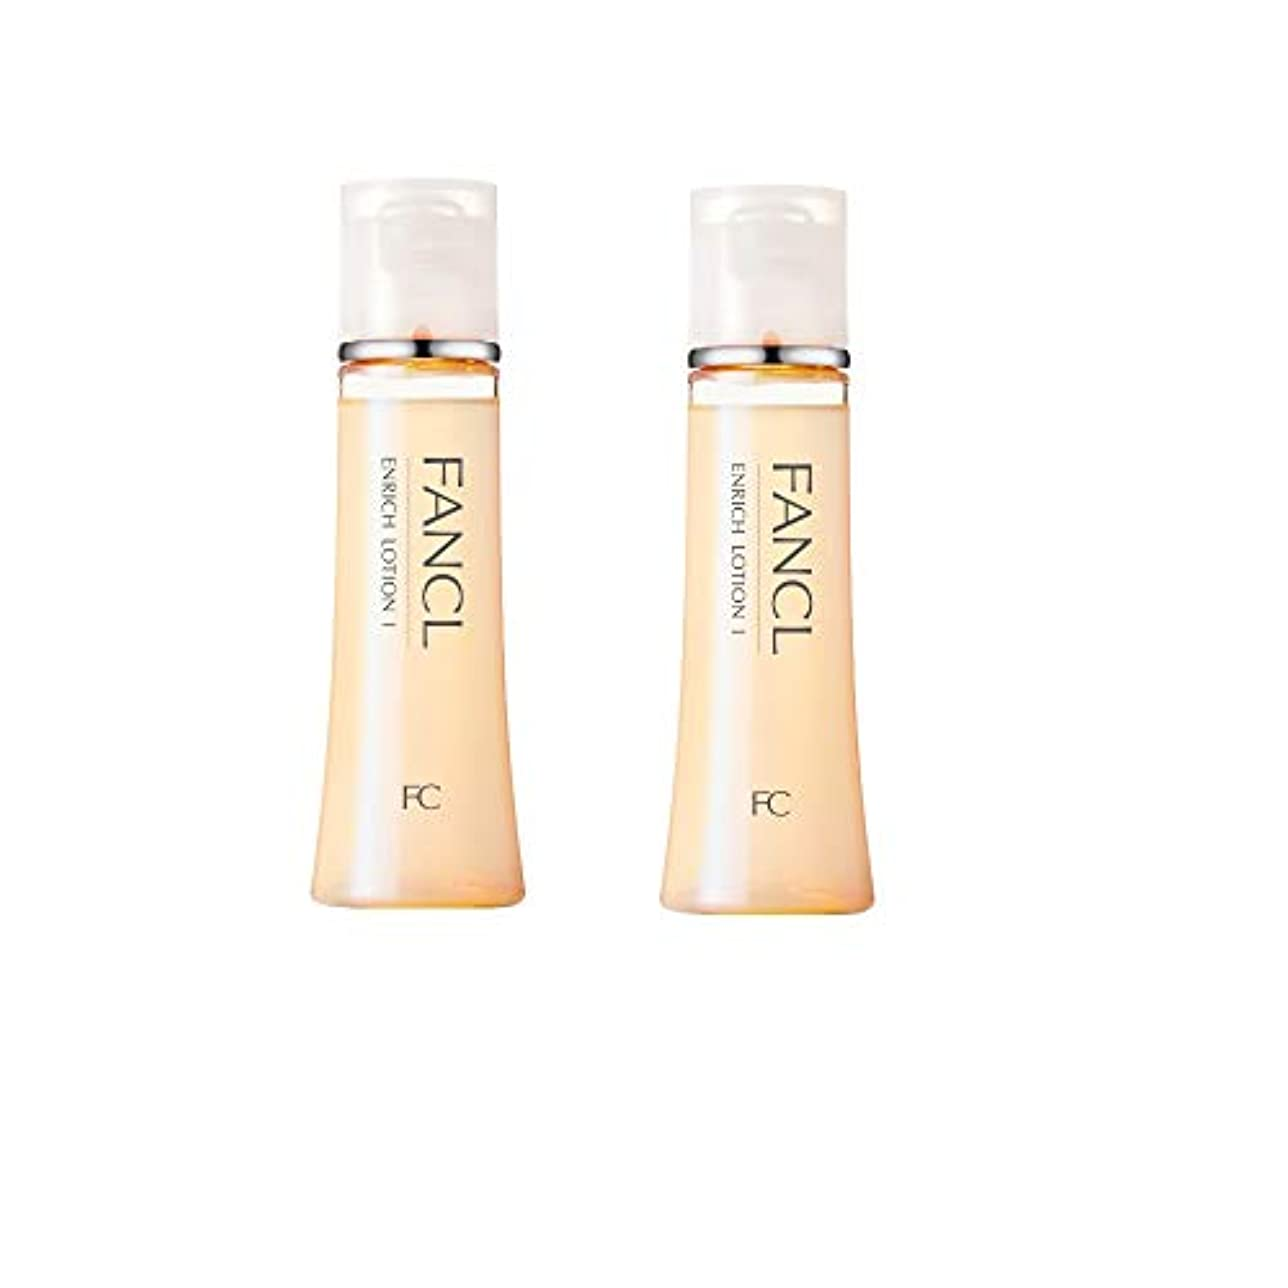 活気づけるフレア好意ファンケル (FANCL) エンリッチ 化粧液I さっぱり 2本セット 30mL×2 (約60日分)